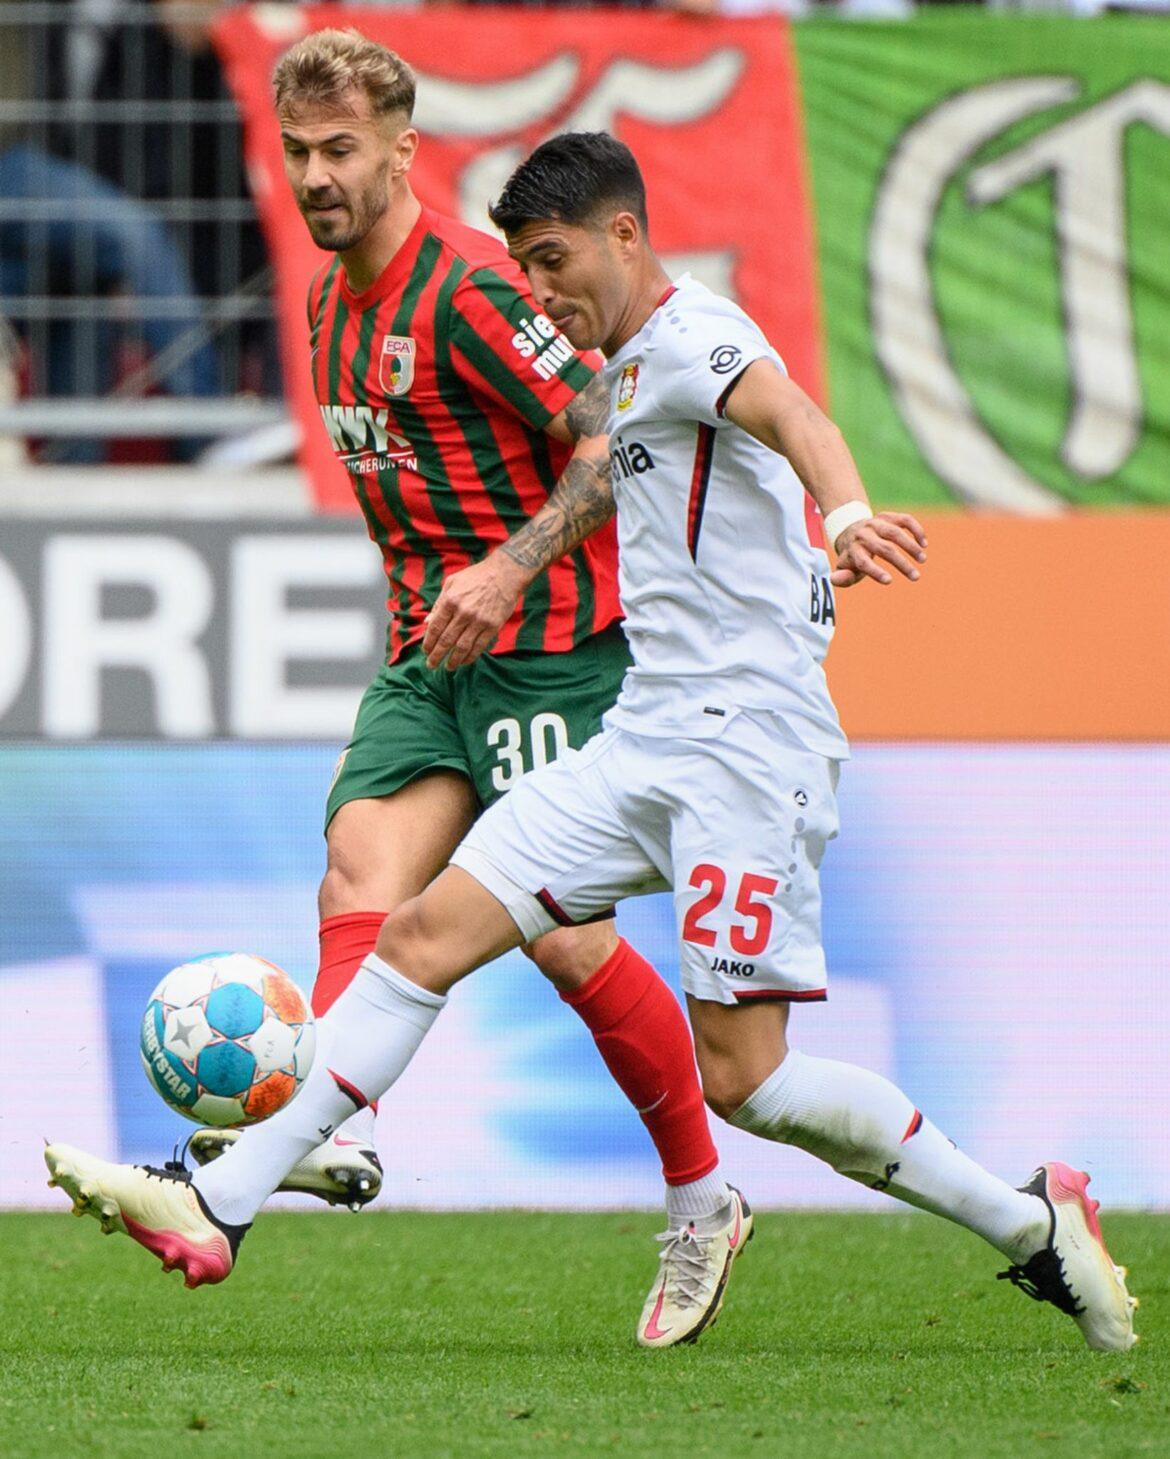 Bayer-Coach hofft auf rechtzeitige Rückkehr von Palacios